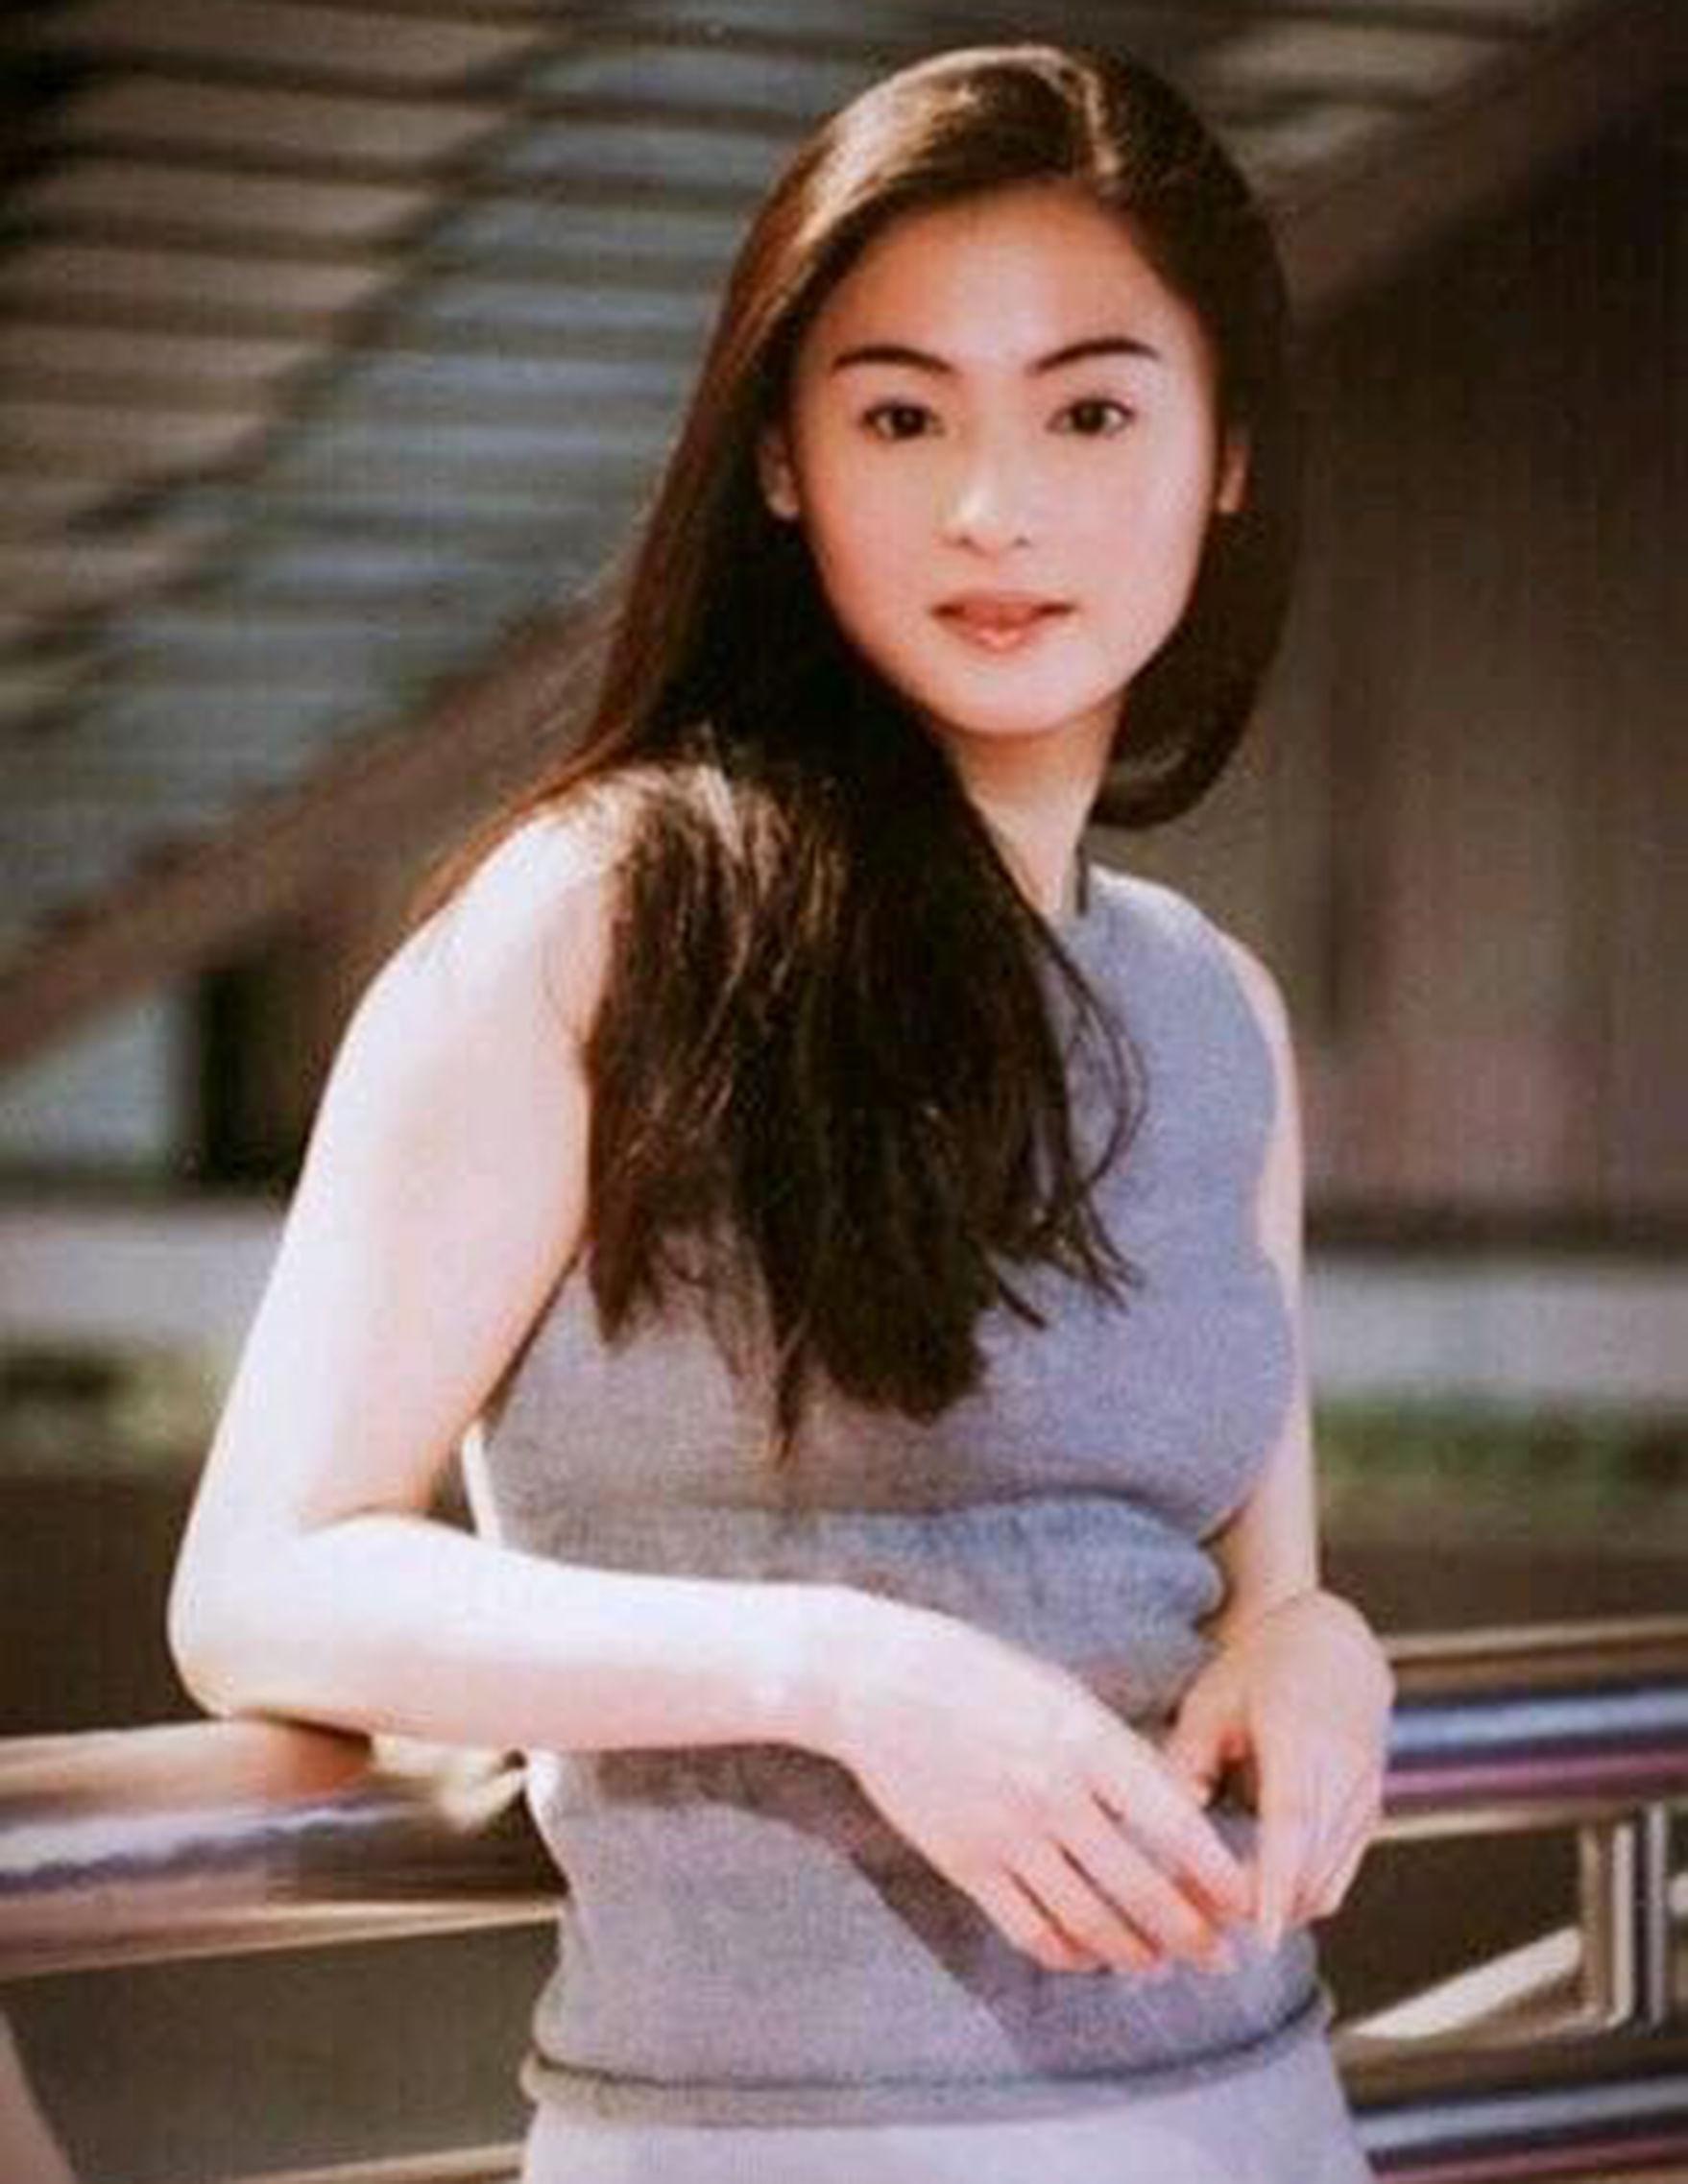 张柏芝例假女生旧照曝光,颜值惊为天人,一个微男生时期少女来被图片